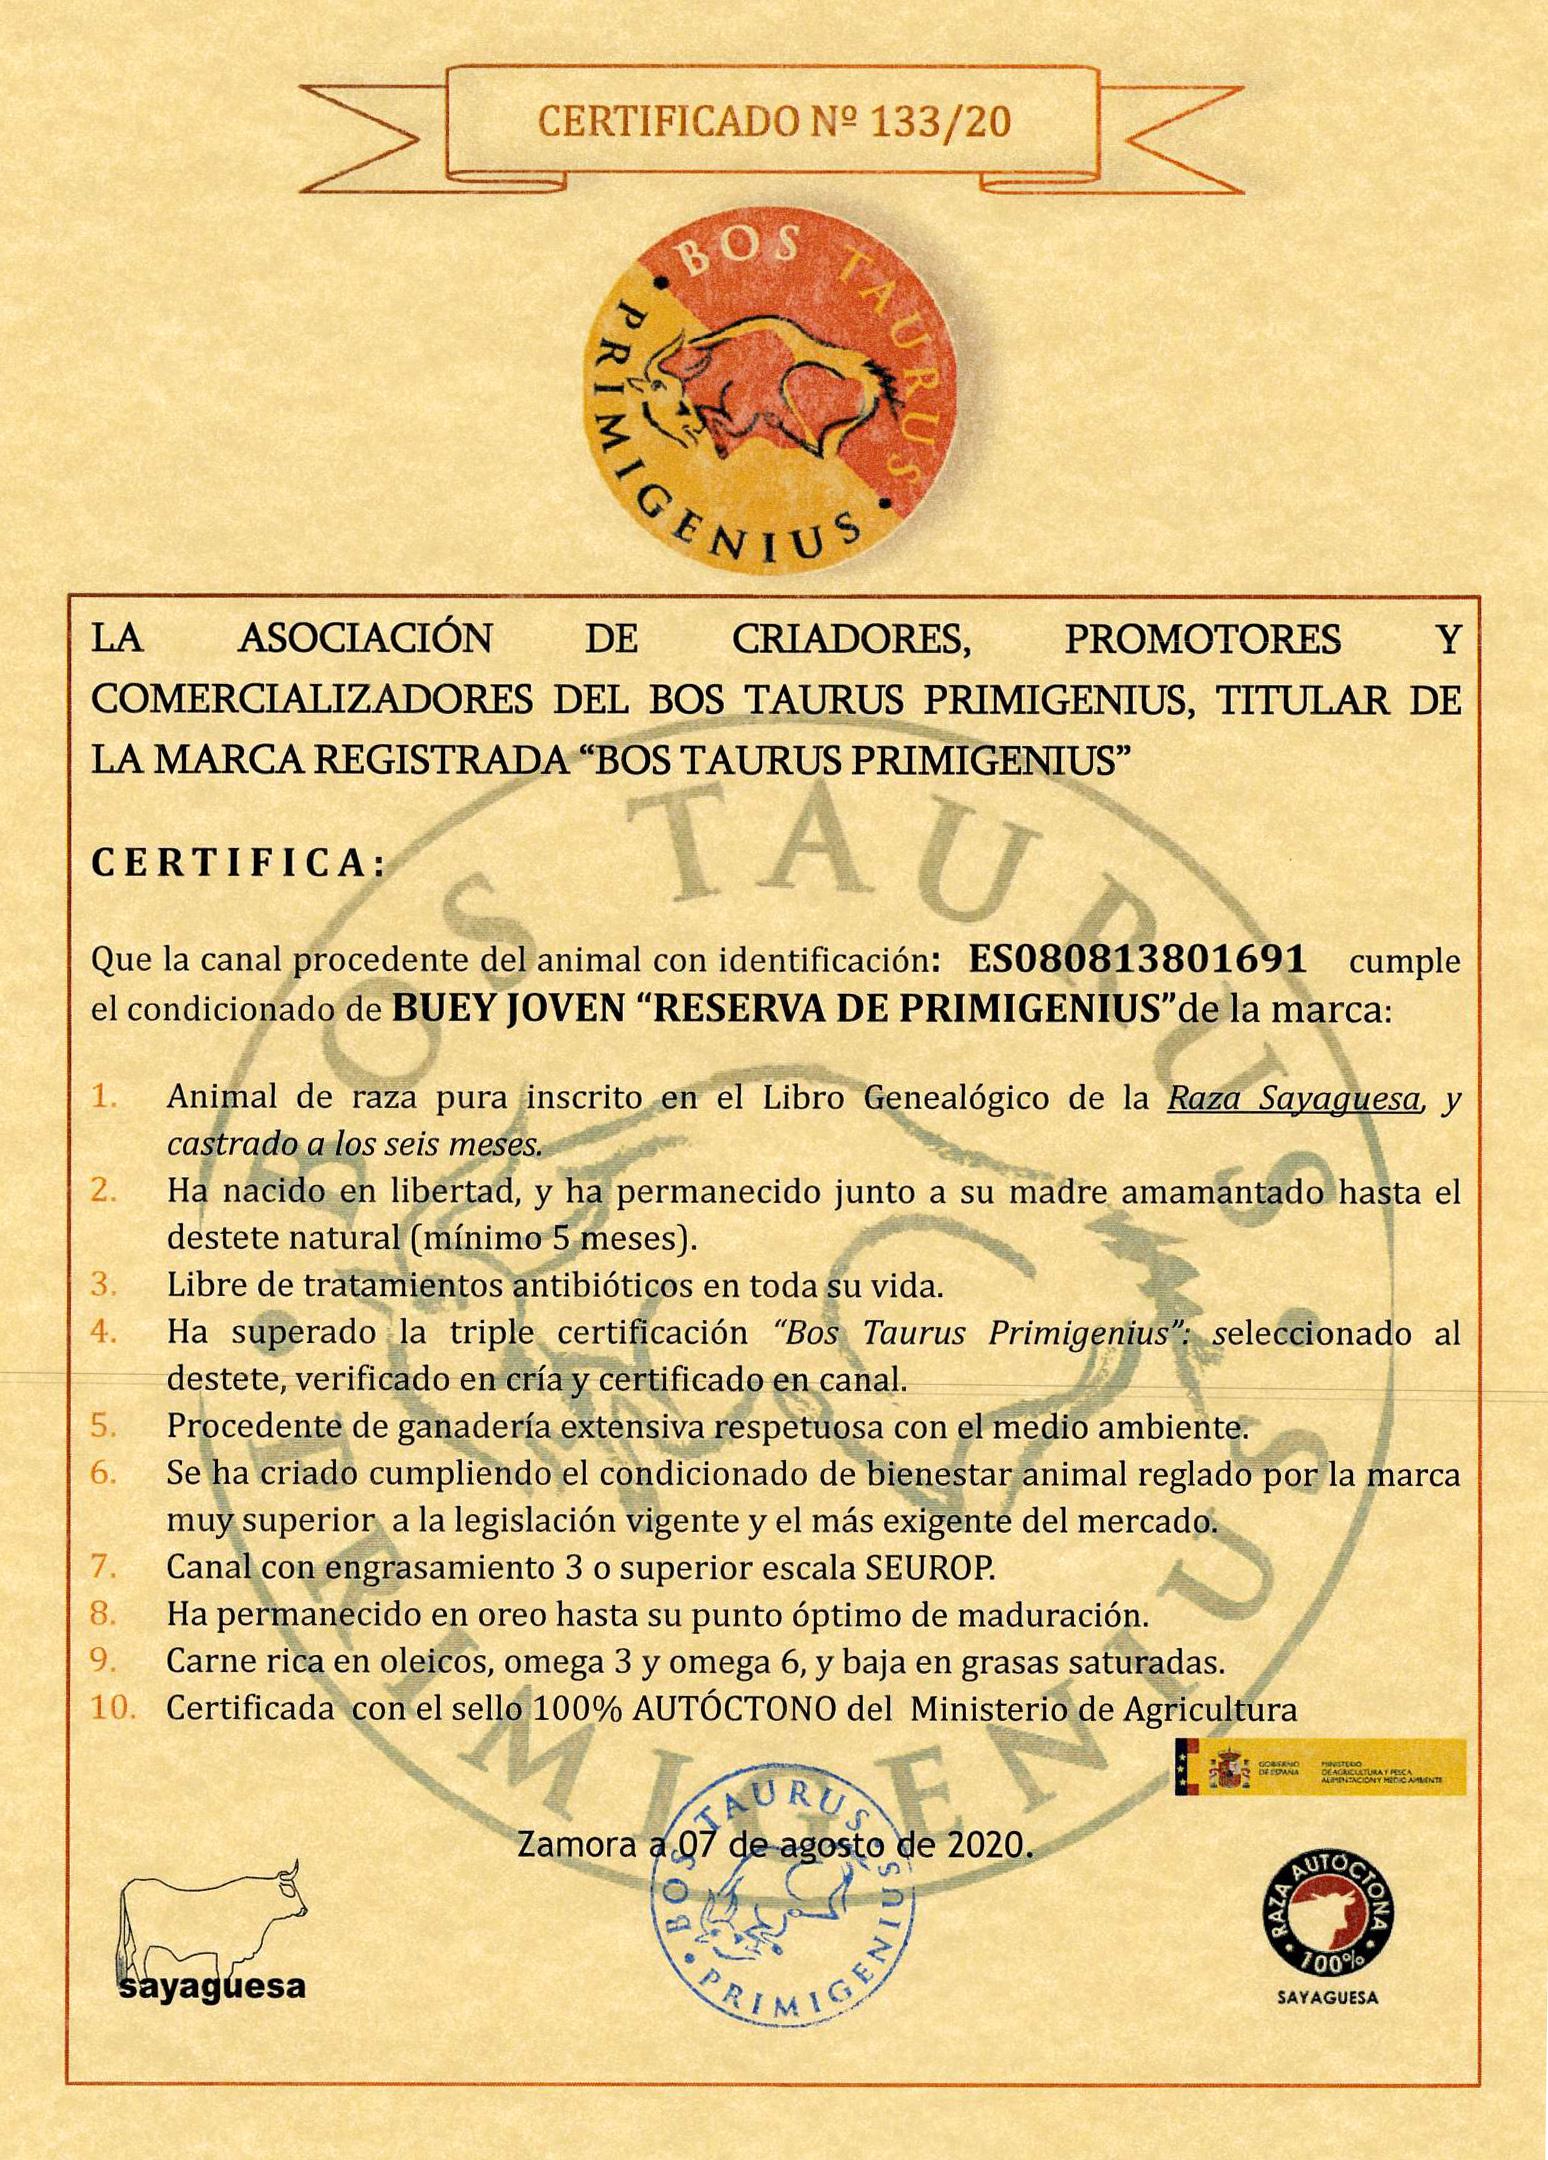 CERTIFICADO BUEY JOVEN PRIMIGENIUS